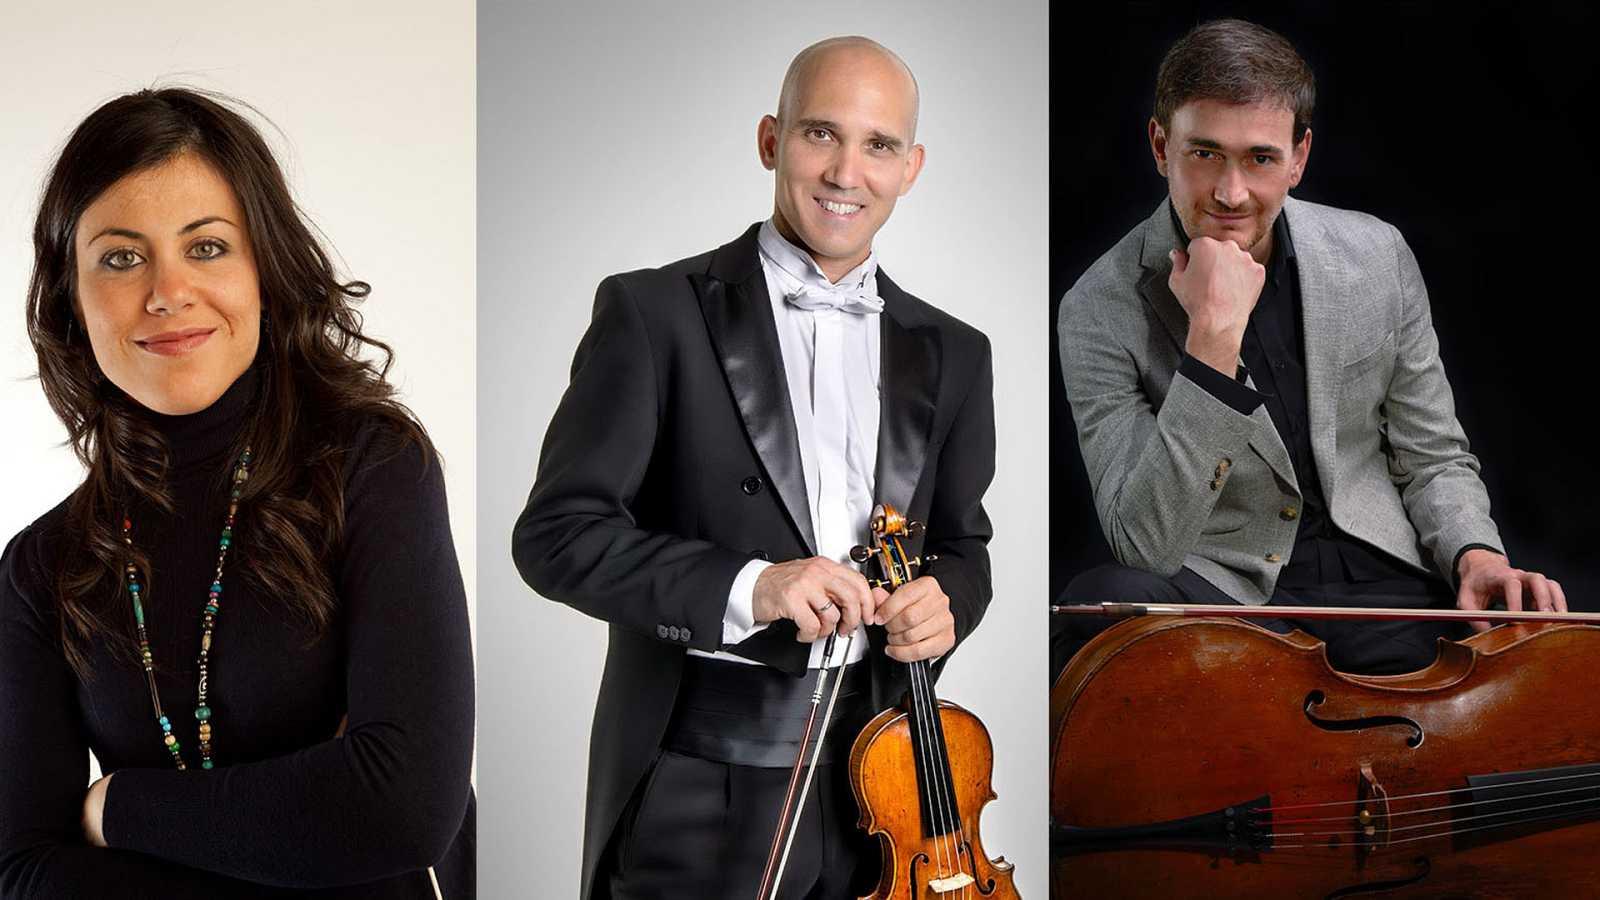 La directora Virginia Martínez, el violinista Miguel Borrego y el chelista Javier Albarés